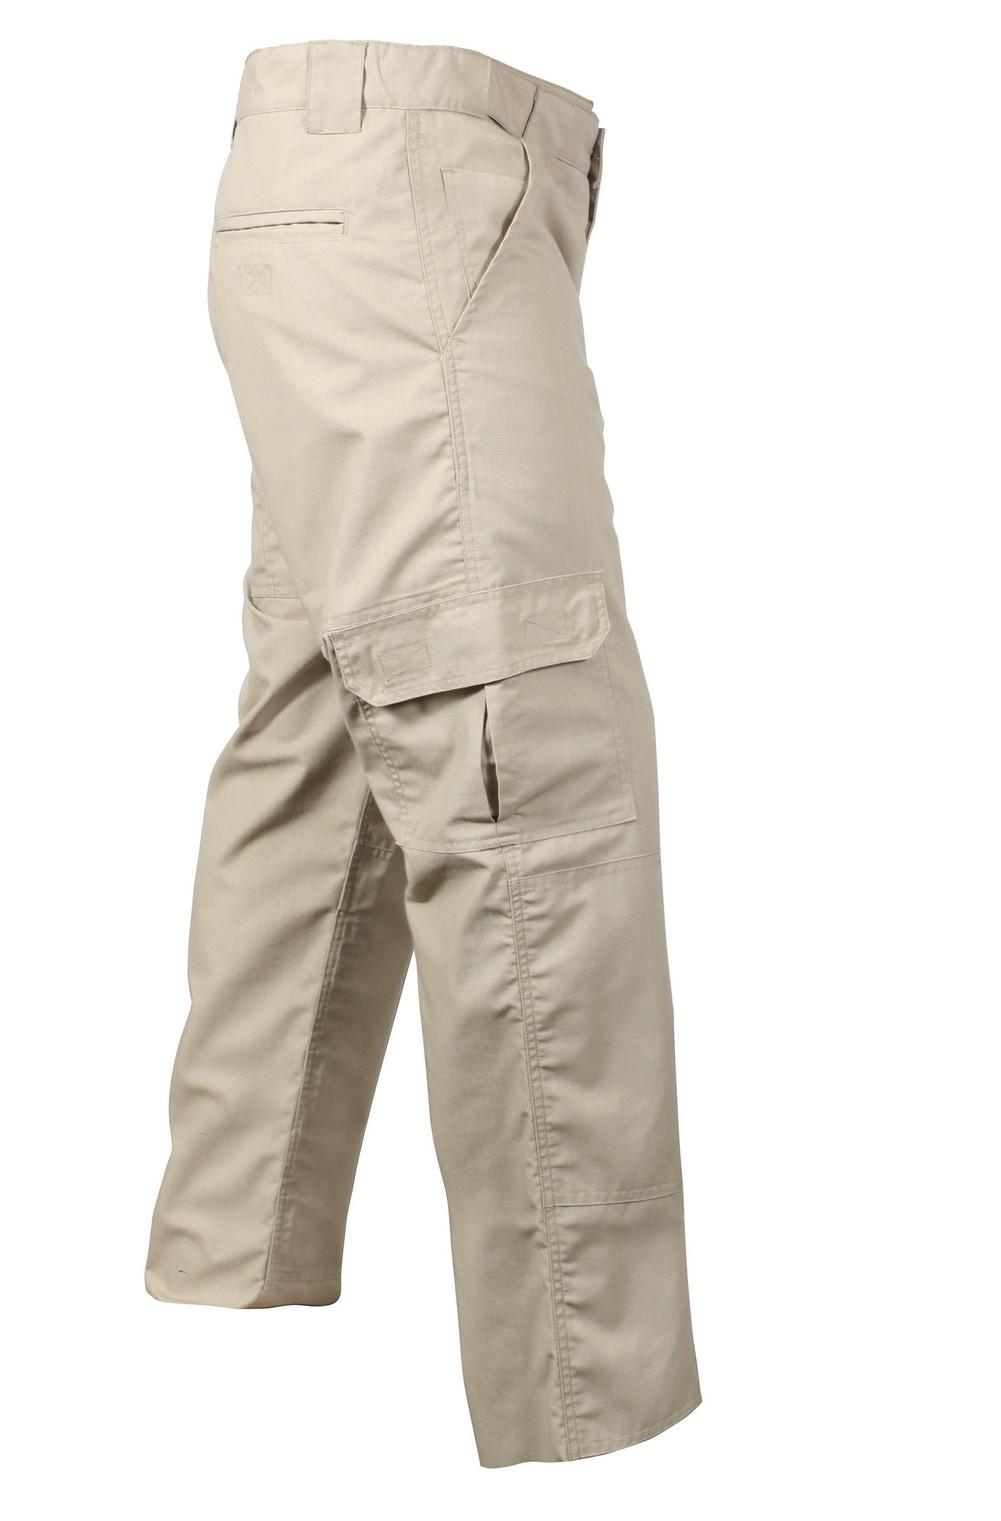 Rothco Mens Pants - RipStop Tactical Duty, Khaki  by Rothco at Sears.com